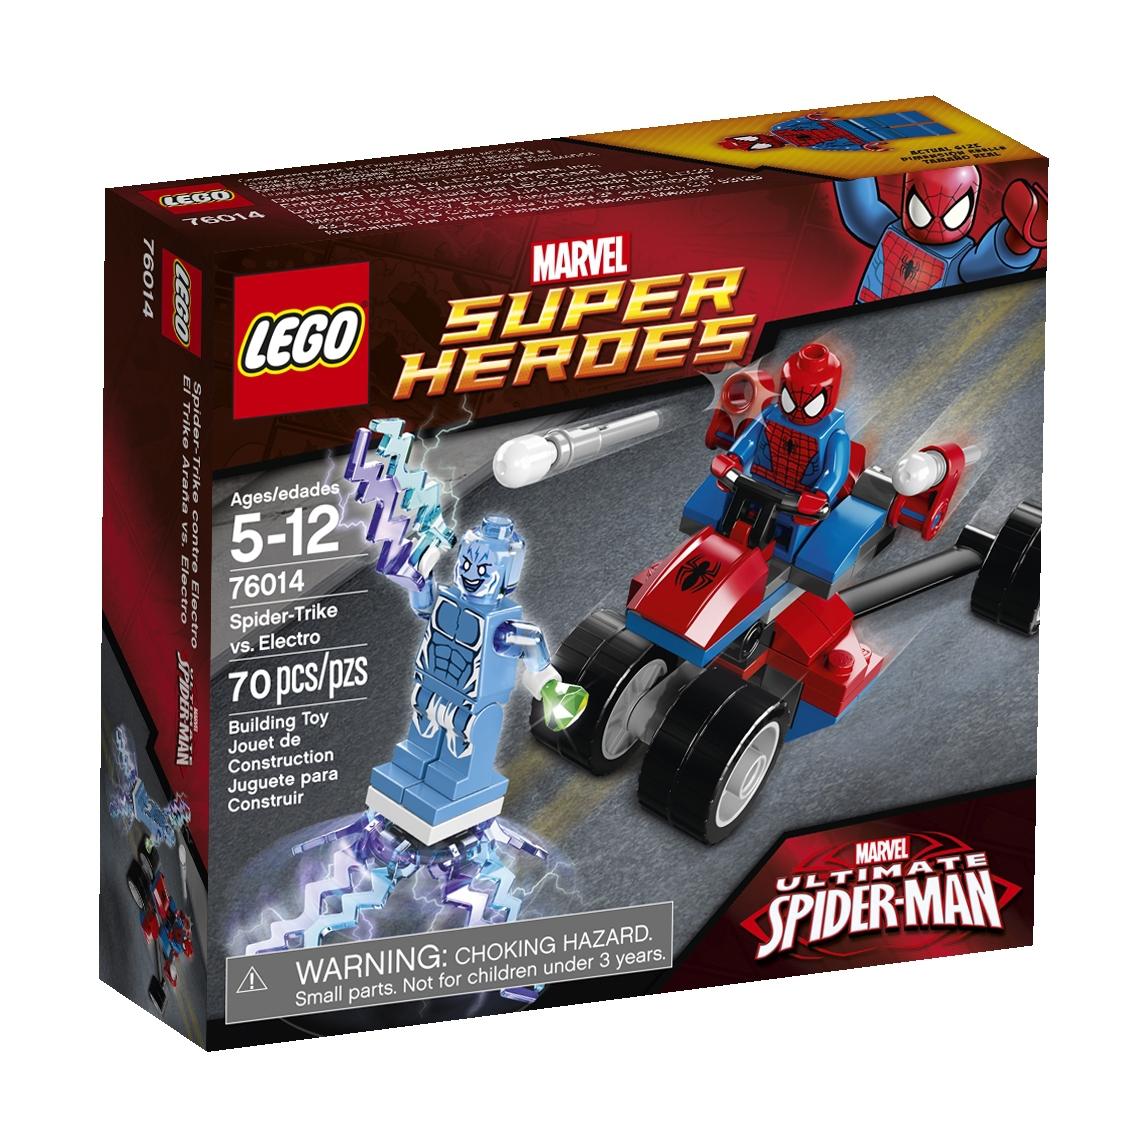 76014 Spider-Trike vs. Electro